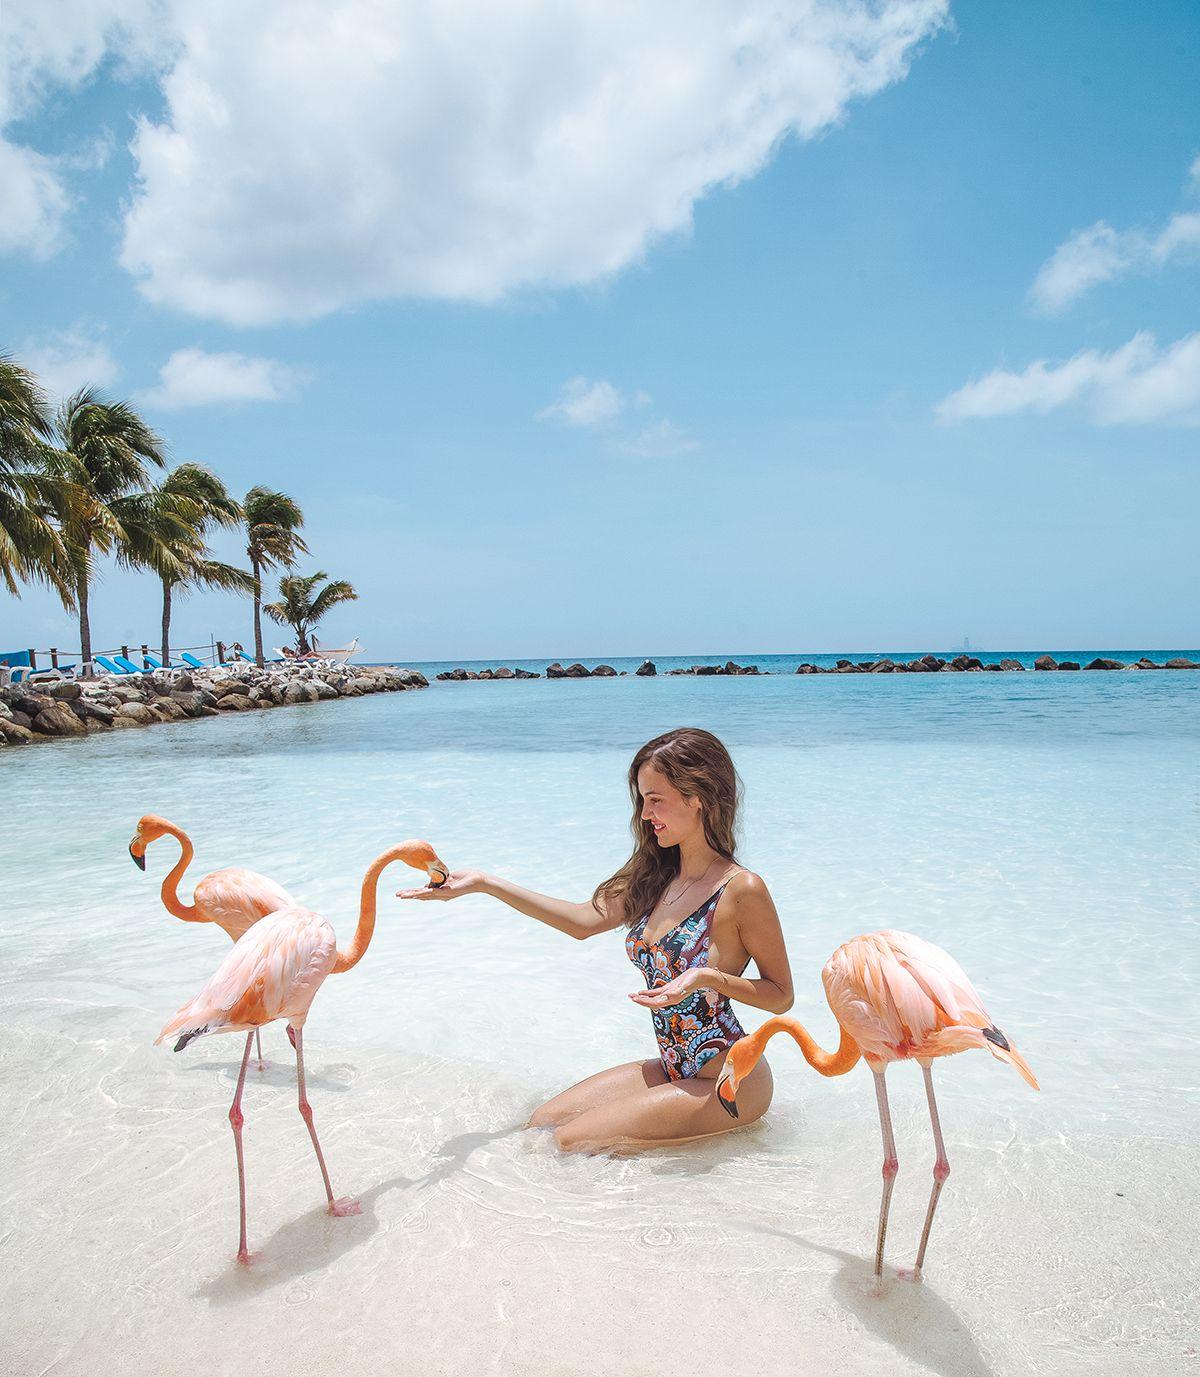 Картинка доминикана с фламинго